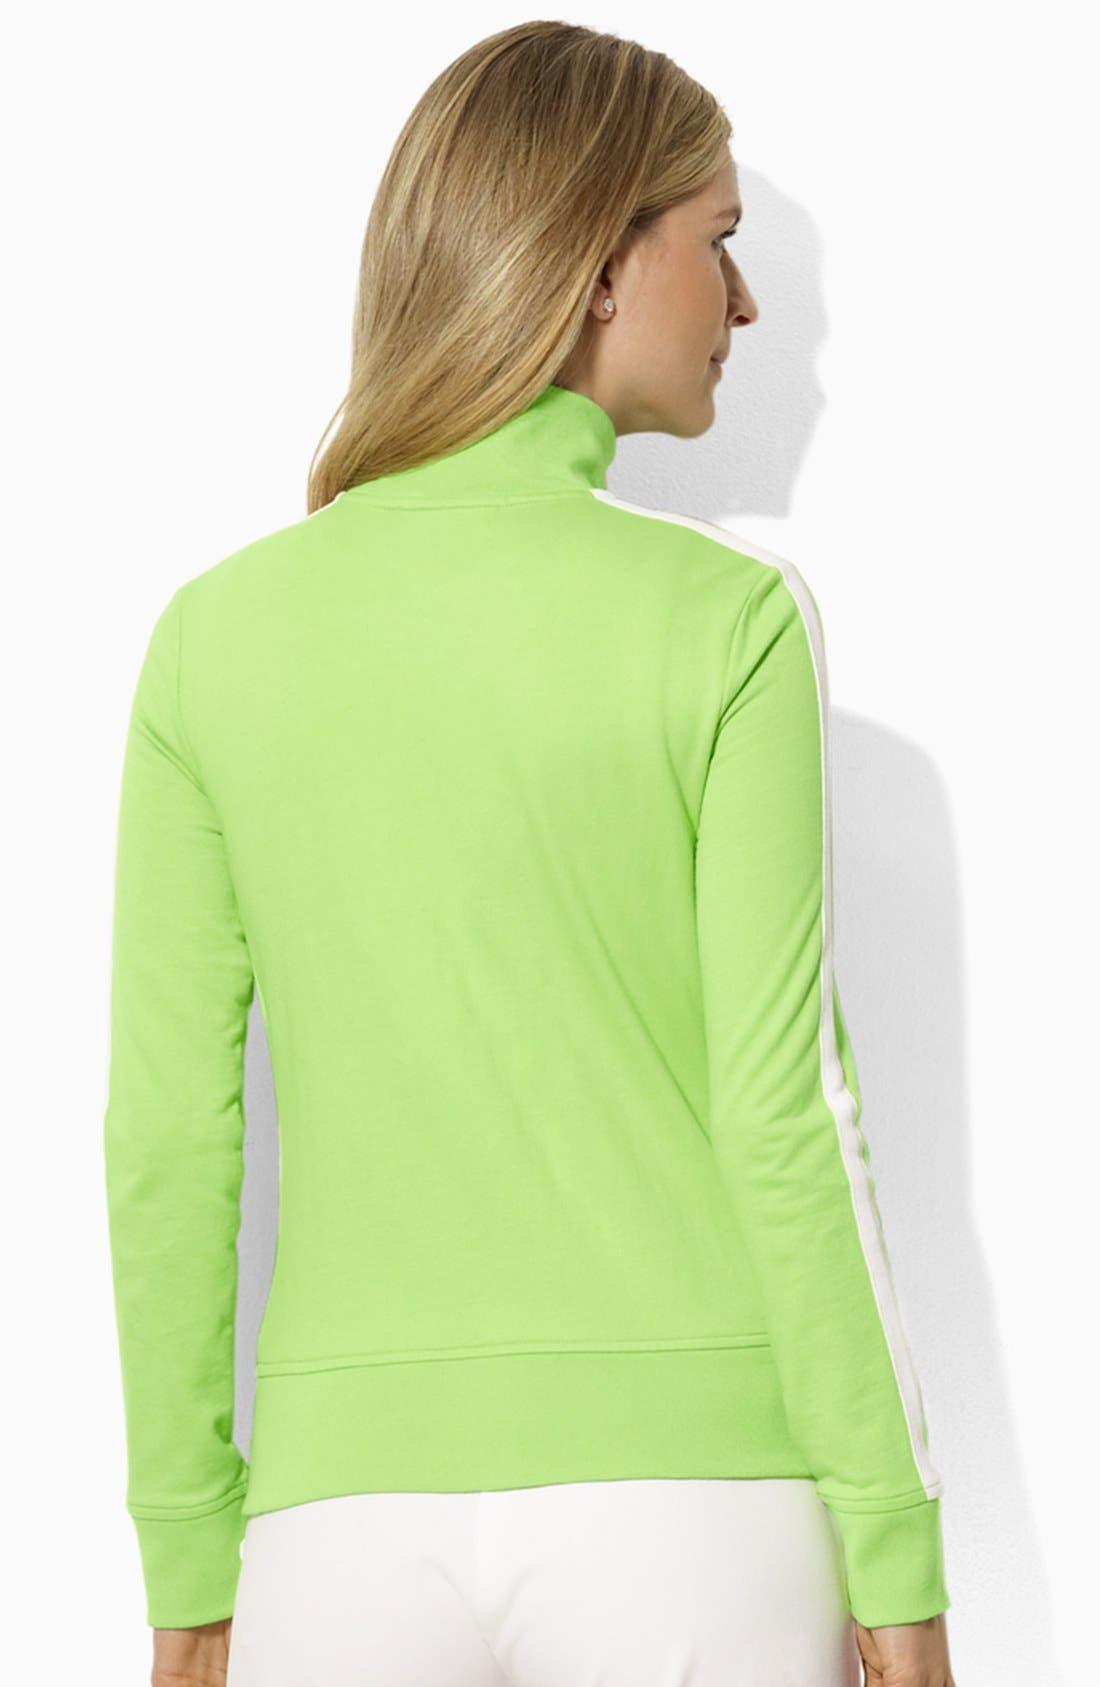 Alternate Image 2  - Lauren Ralph Lauren Mock Neck Jacket (Petite) (Online Only)